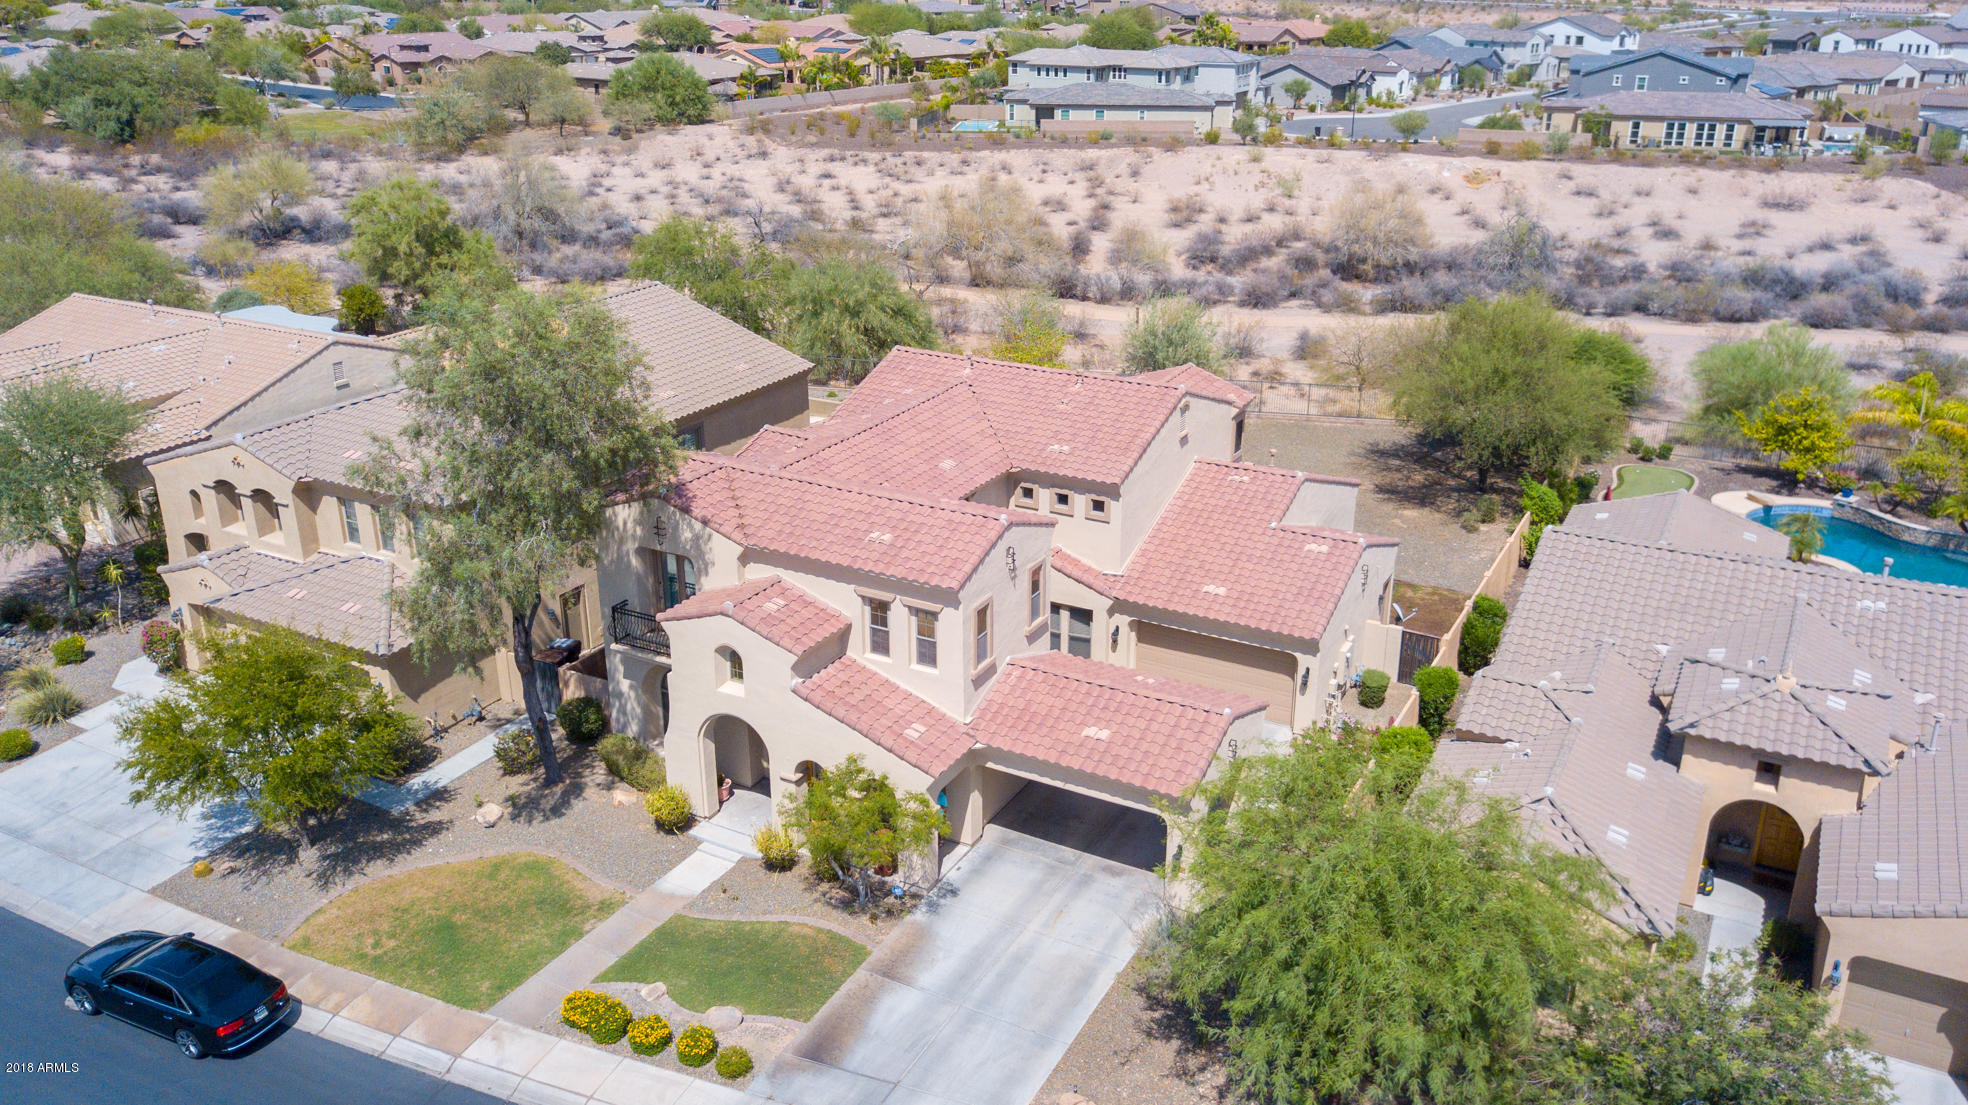 MLS 5791475 29029 N 122ND Drive, Peoria, AZ 85383 Peoria AZ Vistancia Village